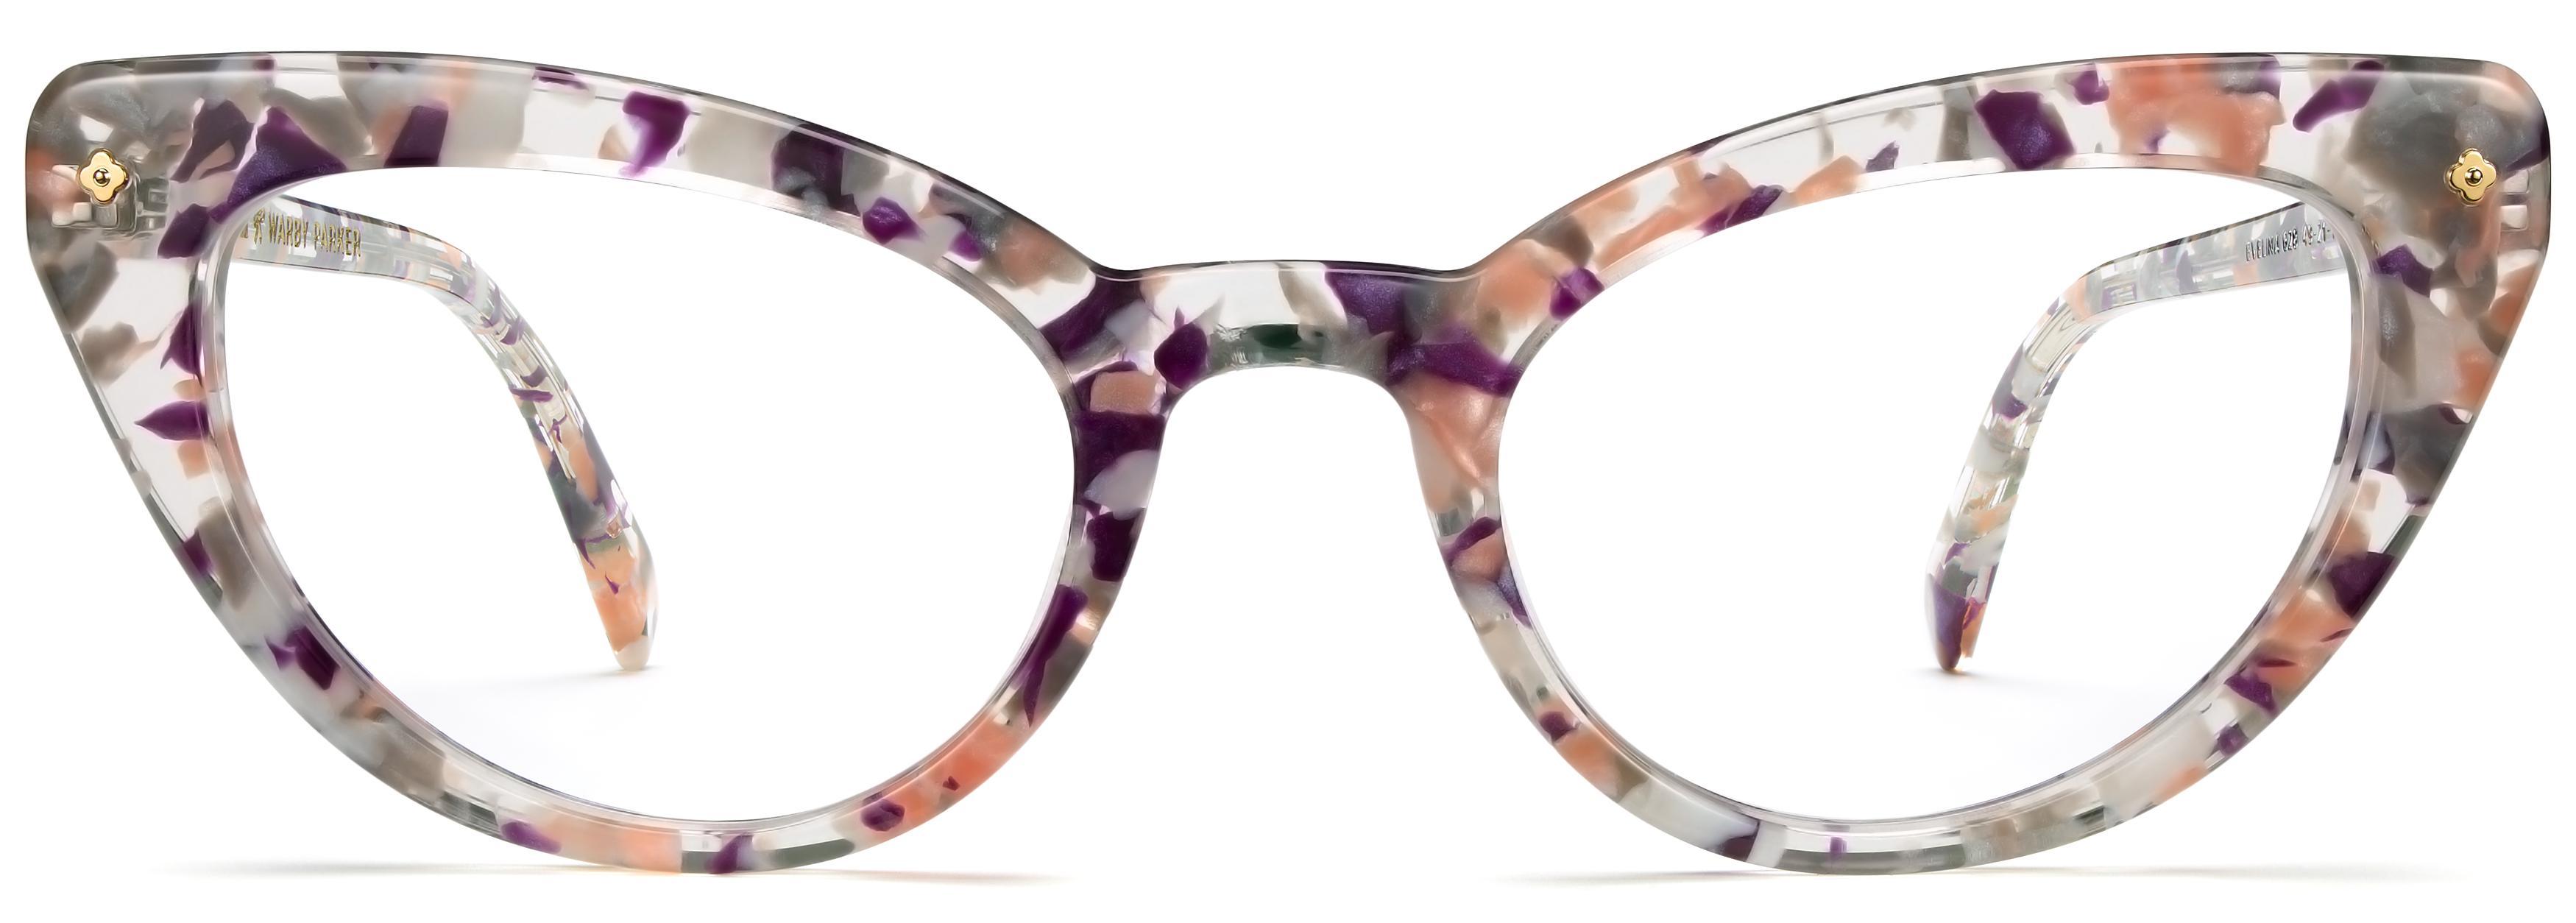 614cea05a8e Women s Eyeglasses